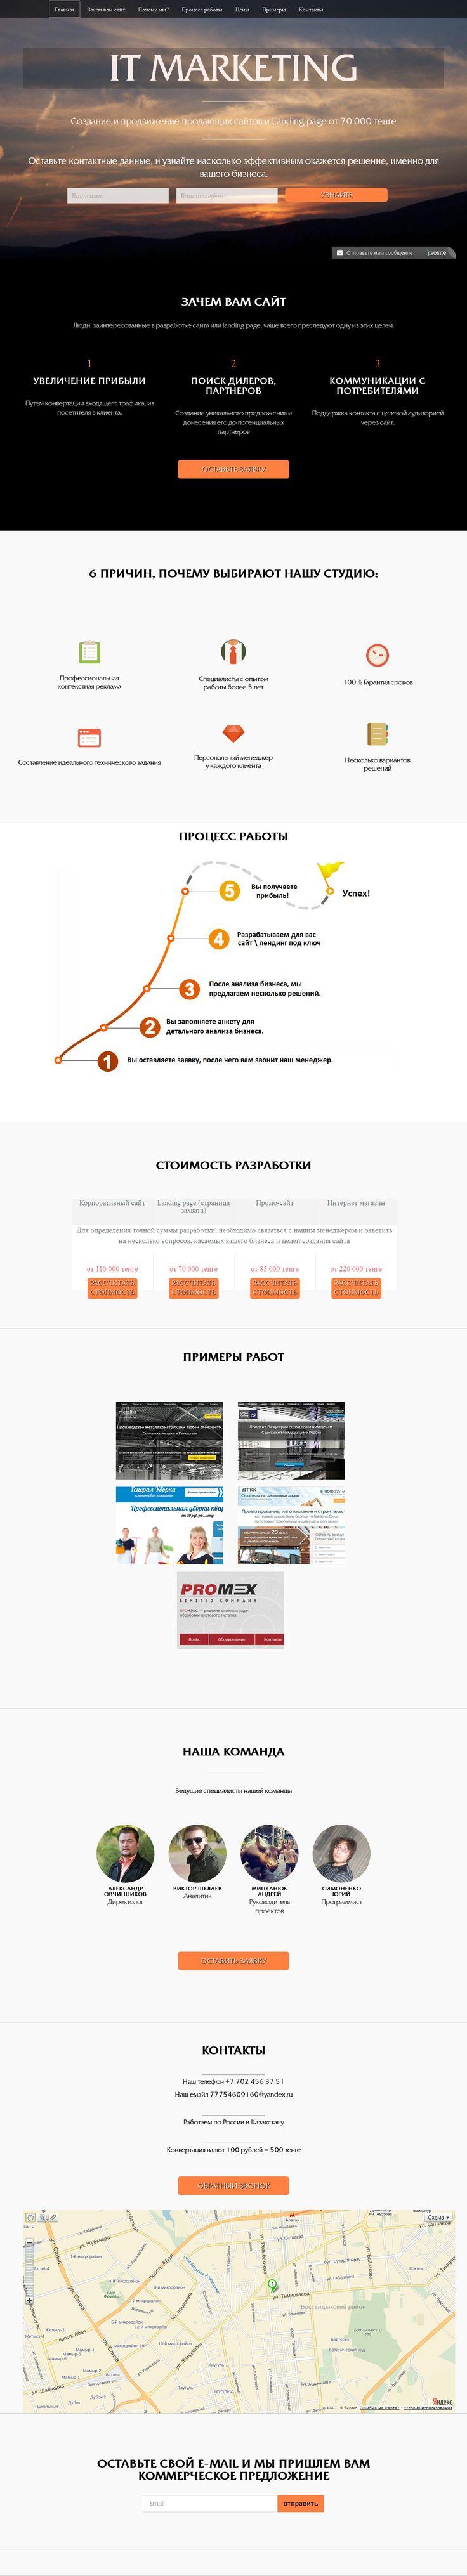 IT Marketing - лендинг казахской вебстудии, делающая сайты. И по России. За тенге.